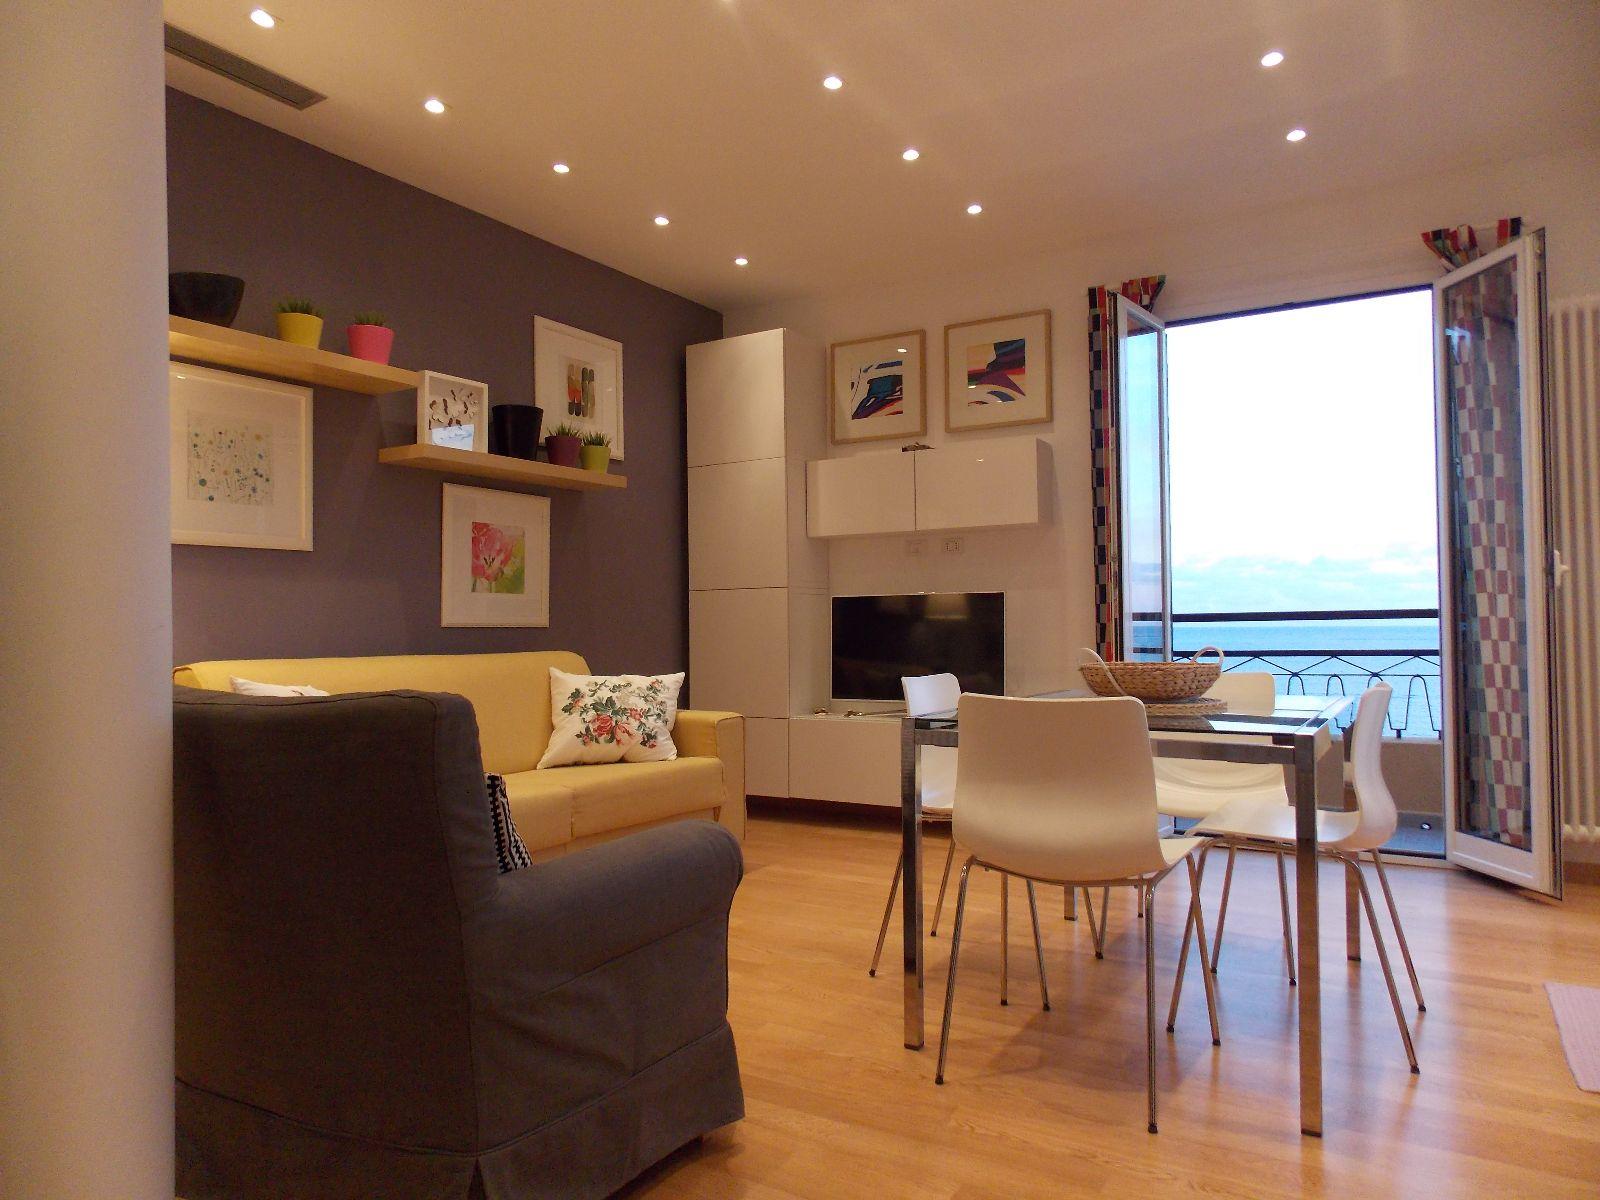 Esempi di ristrutturazione appartamento - Calcolo preventivo ristrutturazione casa ...